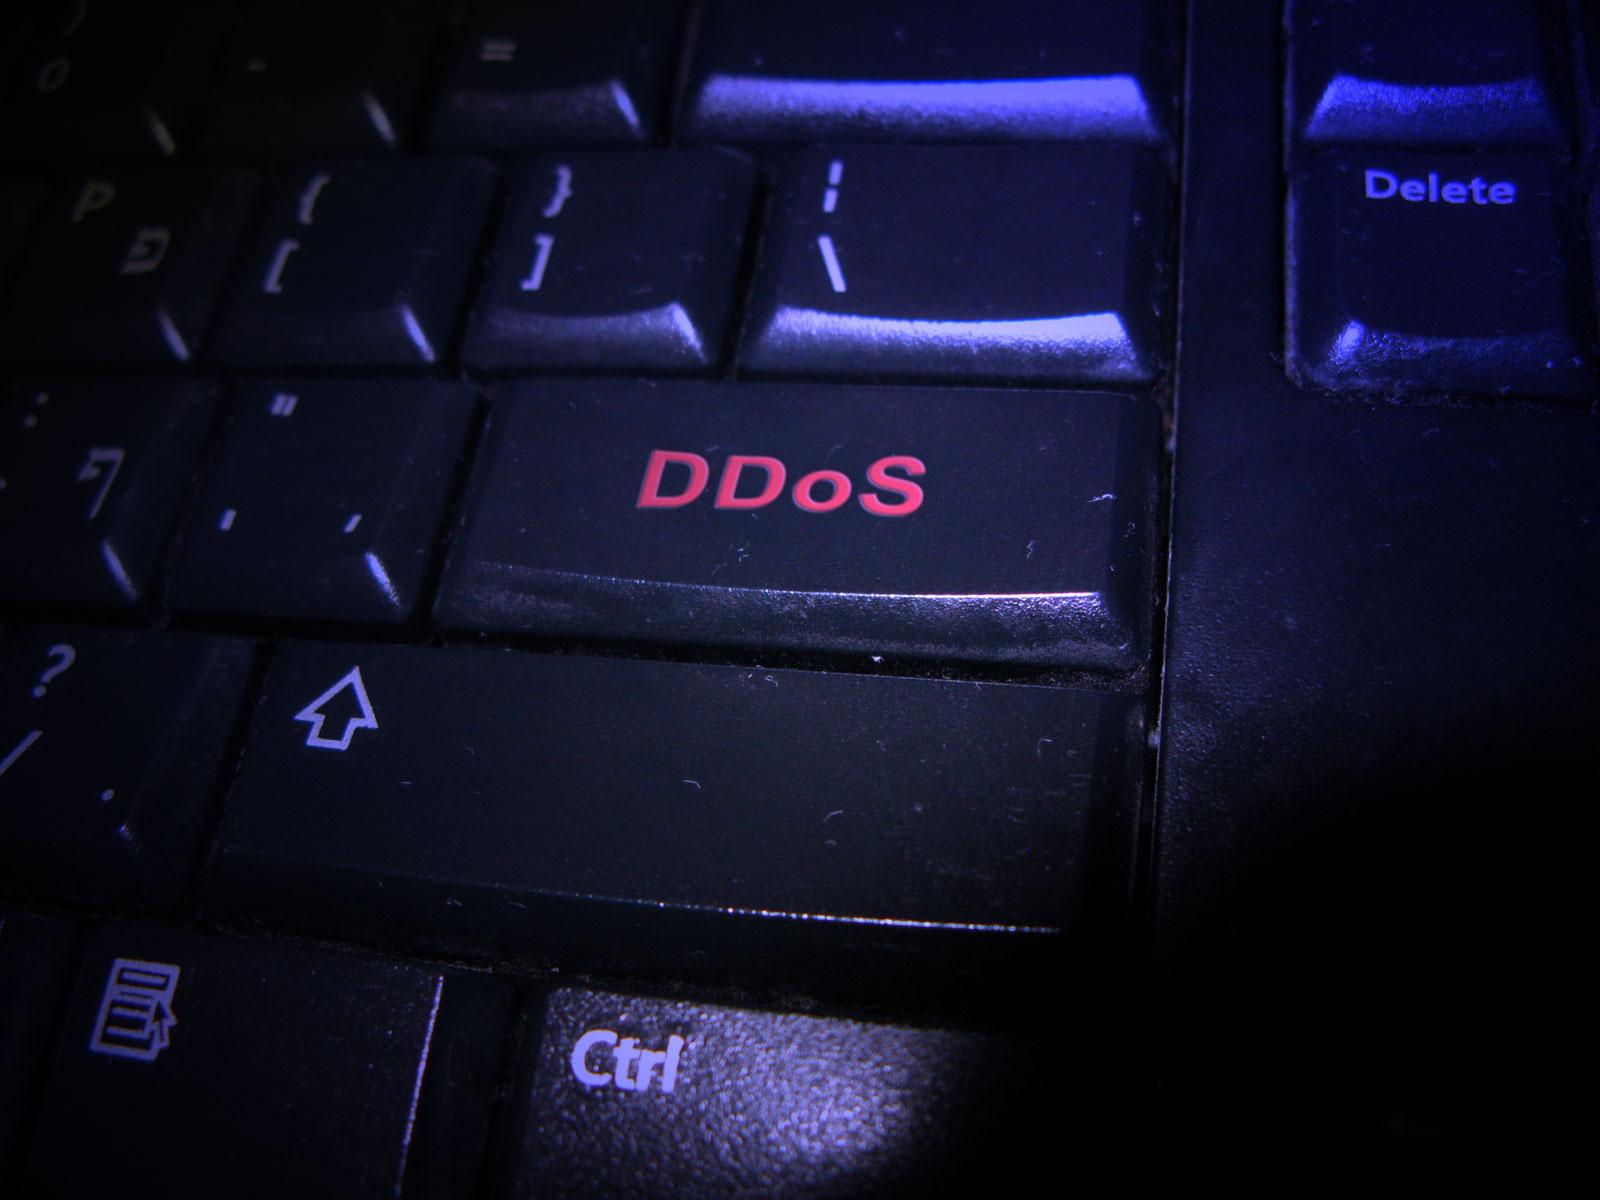 ddos-keyborad